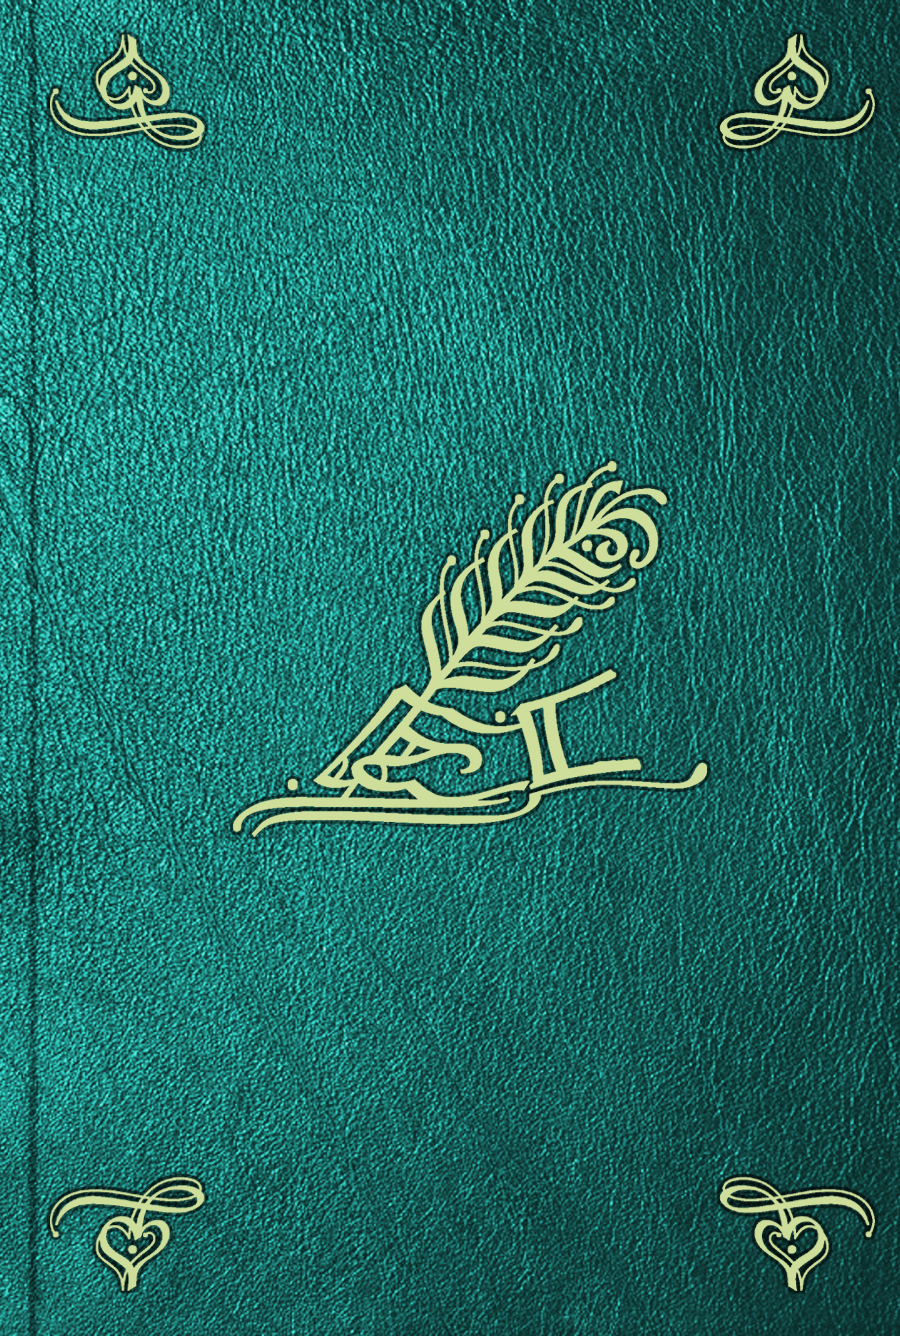 Corneille Le Brun Voyages de Corneille Le Brun au Levant. T. 1 chio aachen springen sonntag